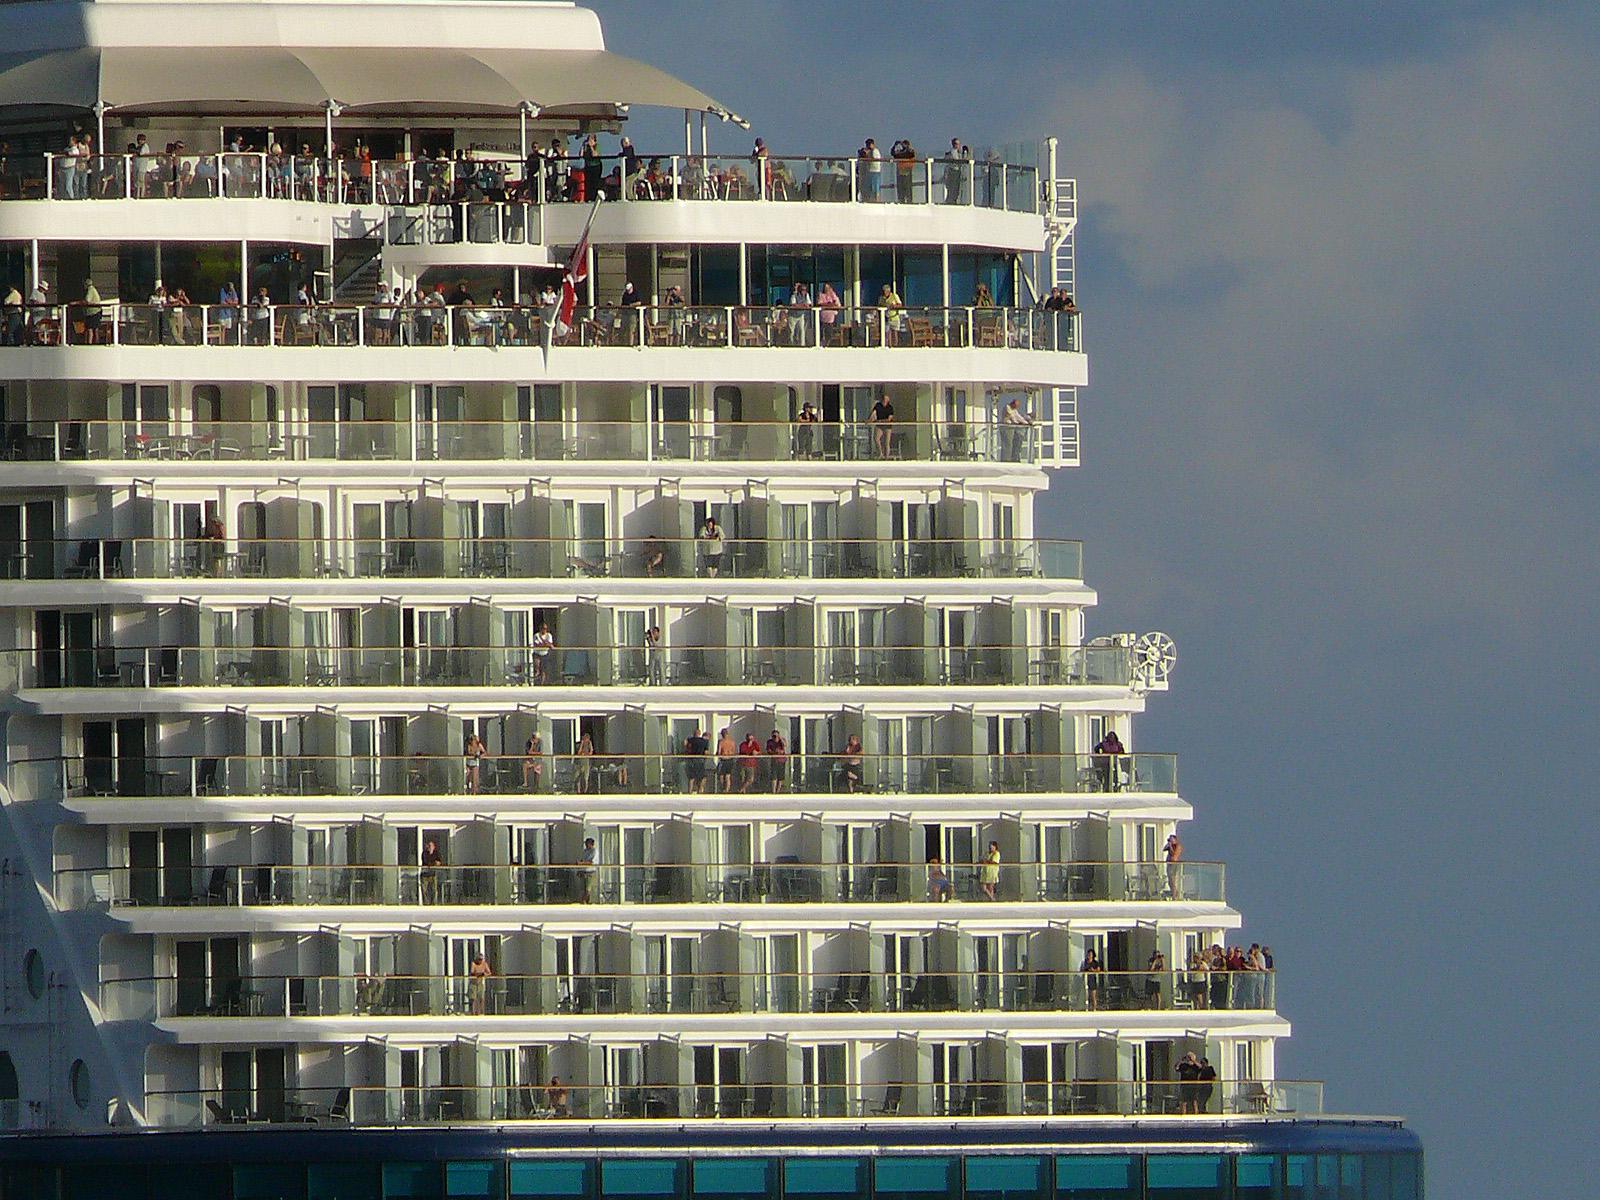 navio, celebrity solstice, celebrity cruises, fotos, detalhes, cruzeiro, turismo